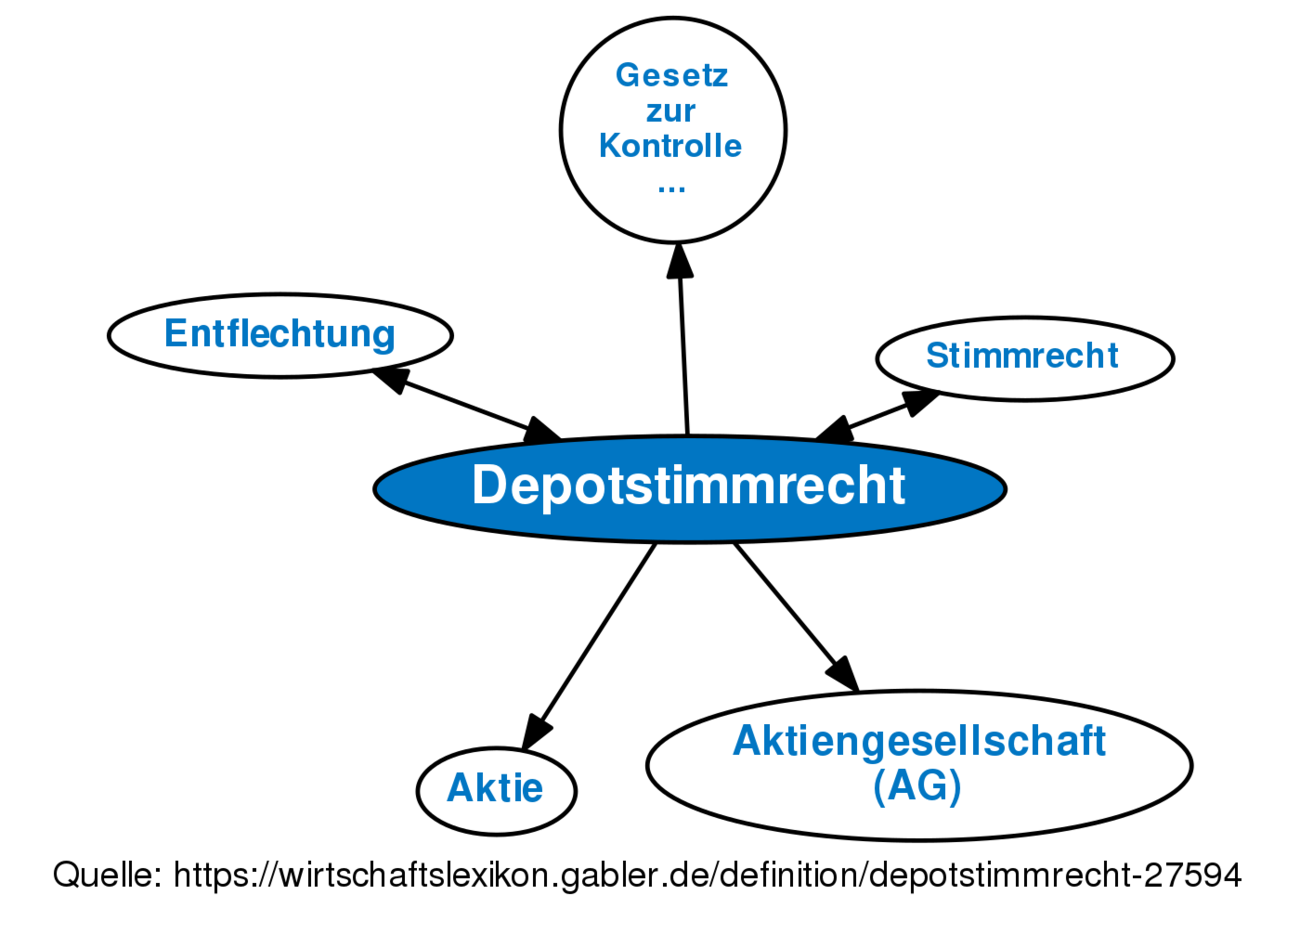 Depotstimmrecht Definition Gabler Wirtschaftslexikon